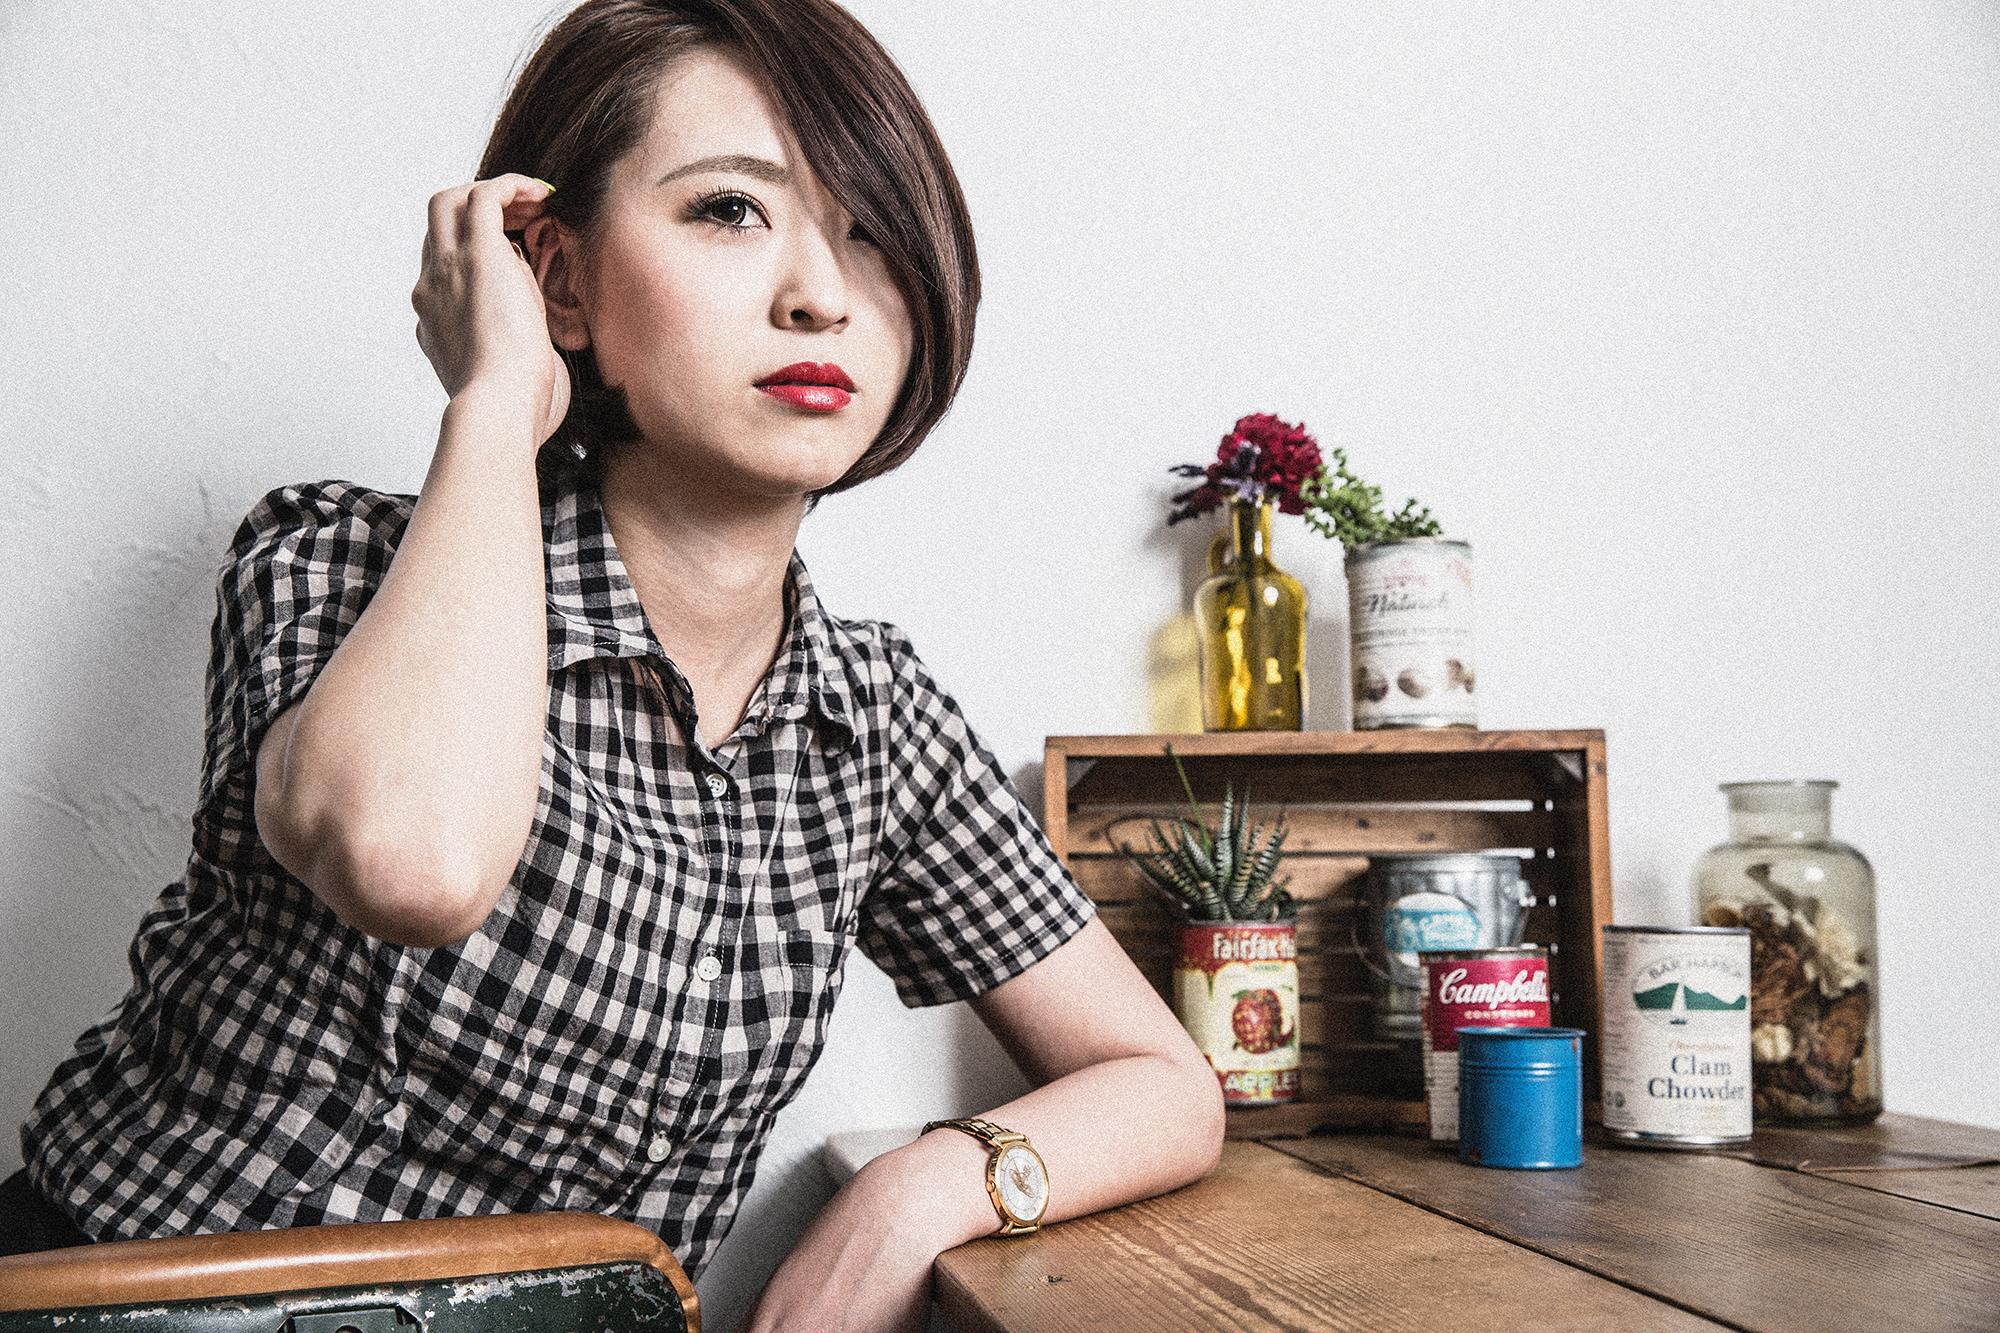 カットラインで勝負のボブスタイル 亀有の美容師木暮のブログ